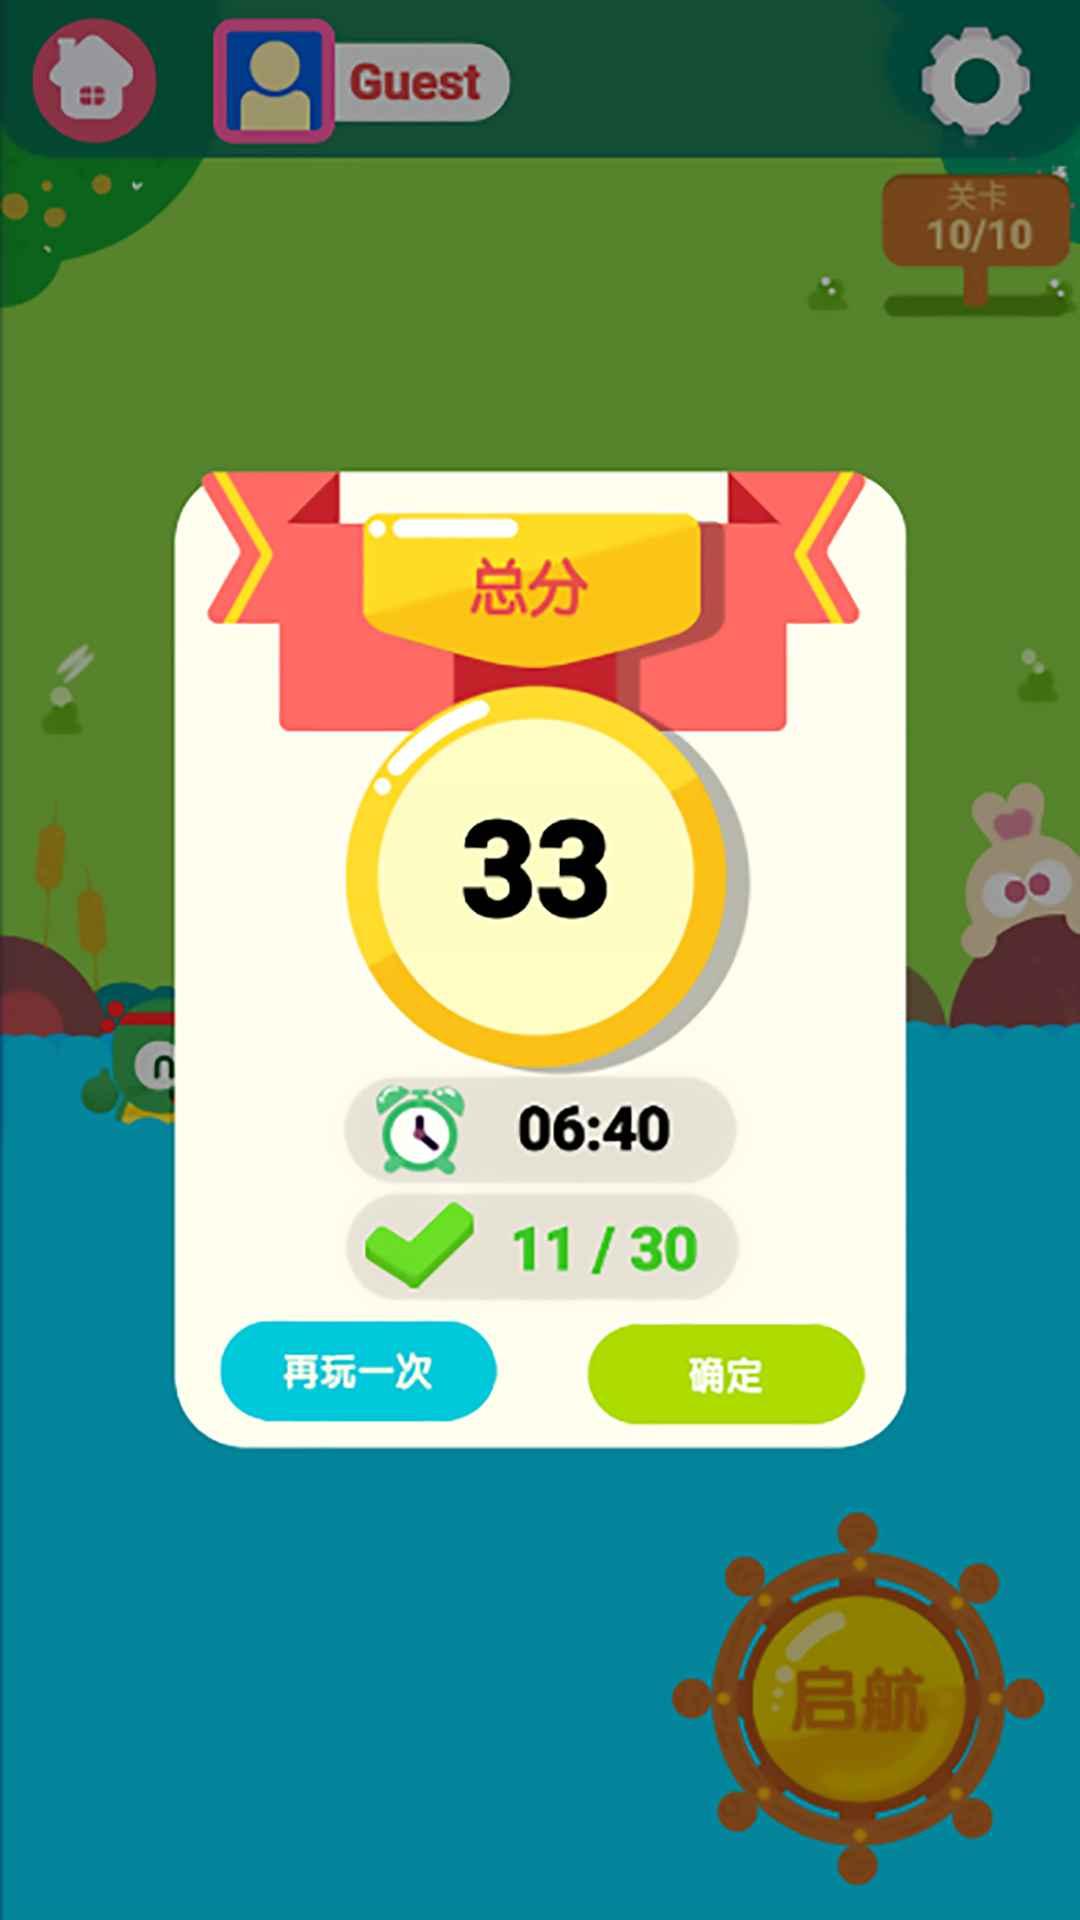 龟仔大冒险游戏安卓版图片2